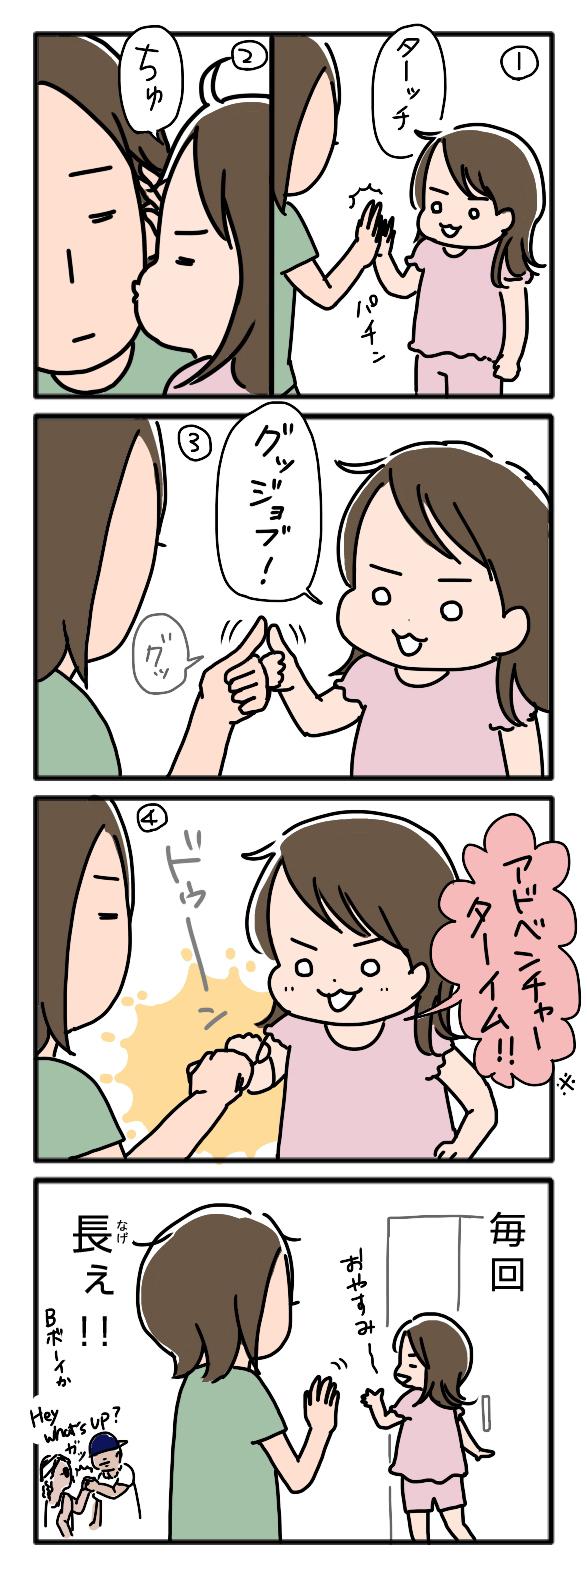 「Bボーイ?(笑)」娘が寝る前のアレがとにかく長い!〜子どもがハマる、不思議な遊びまとめ〜の画像3